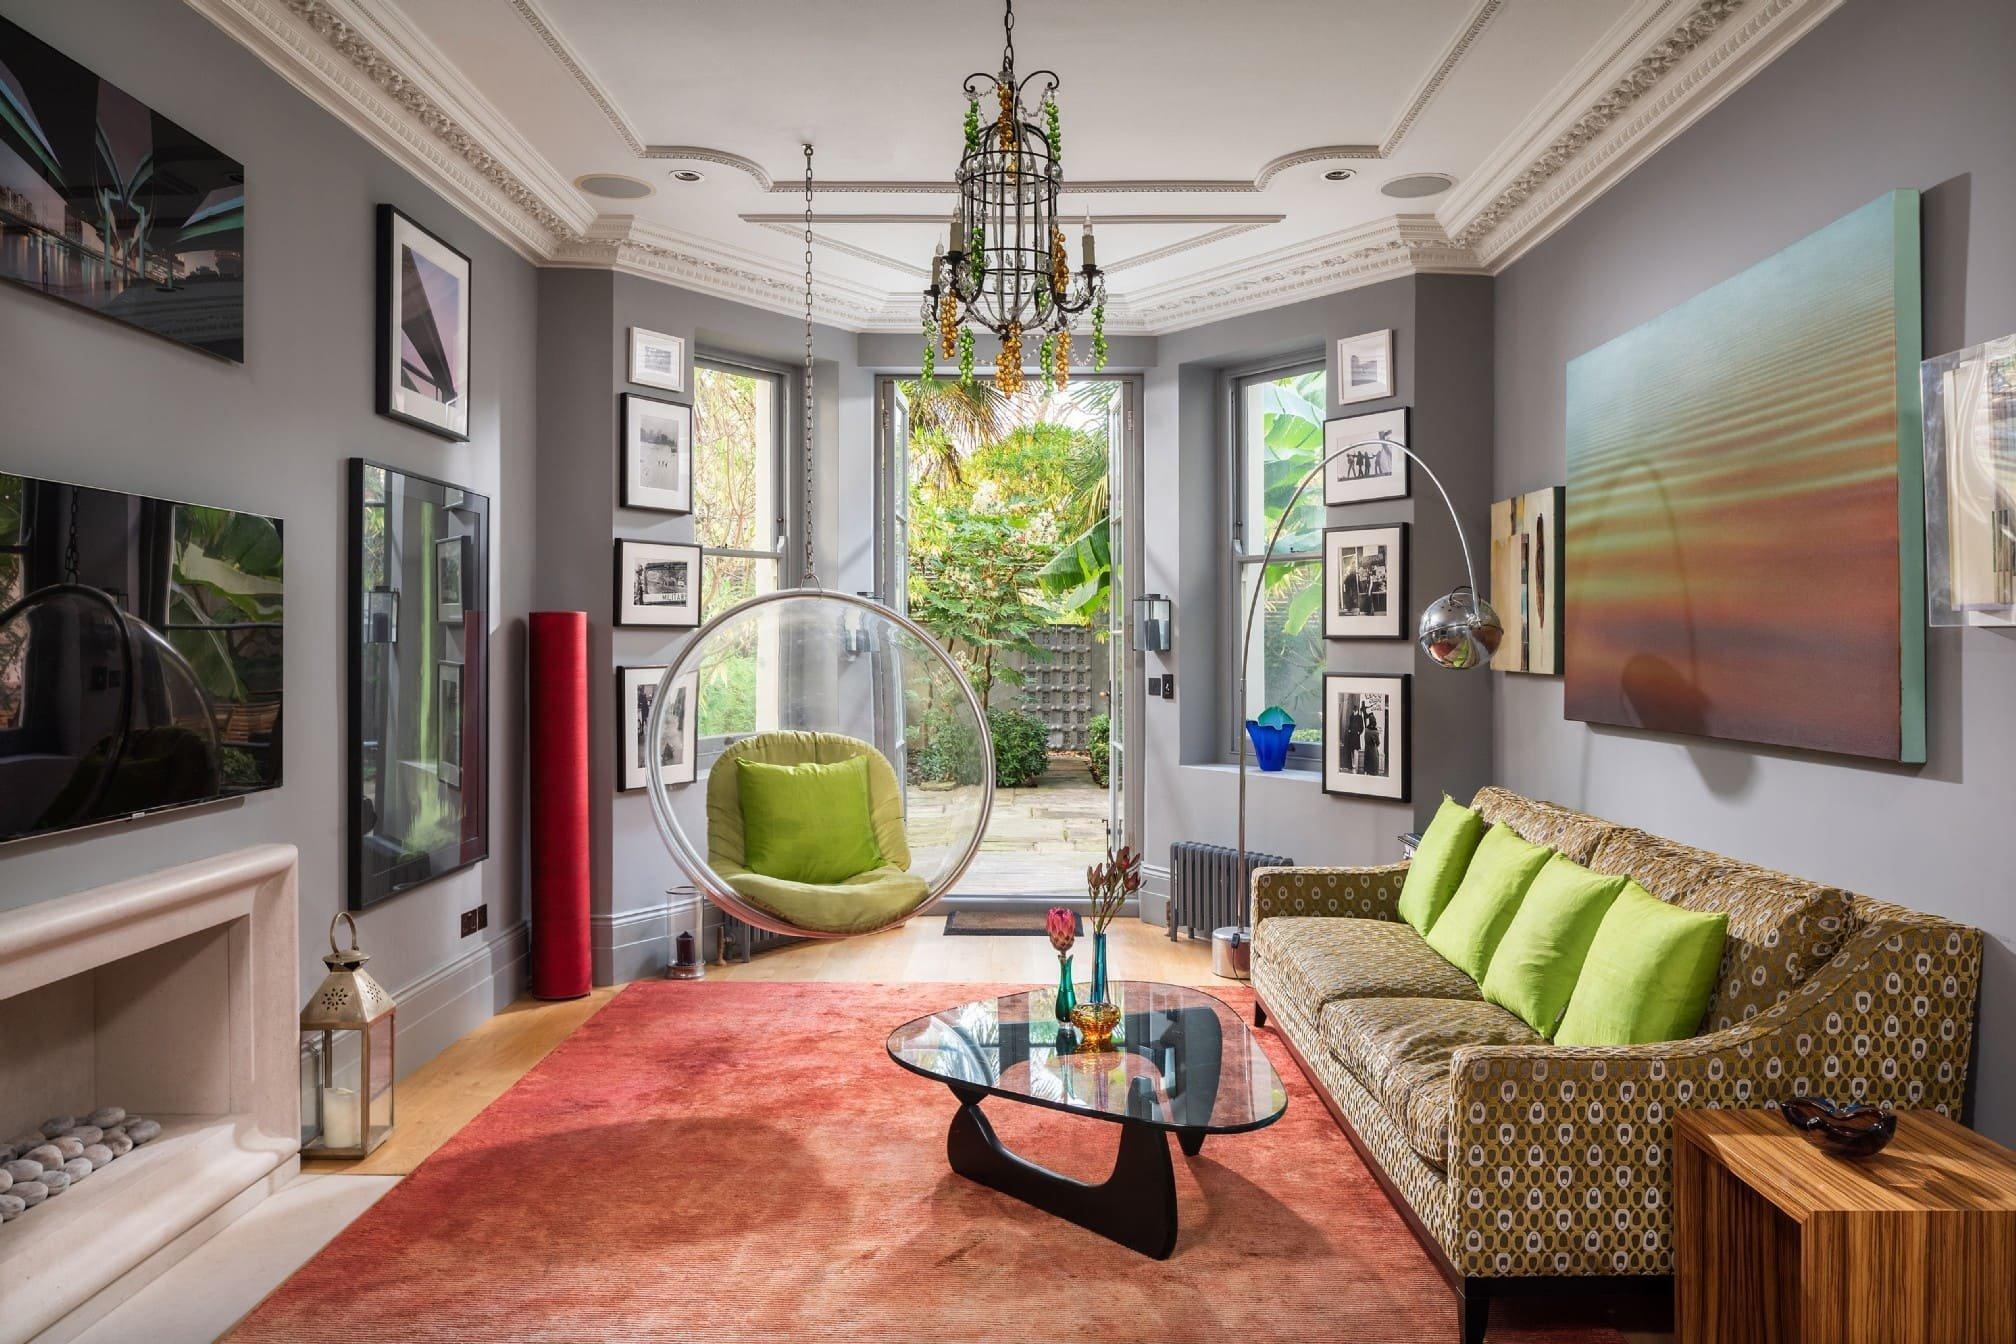 Tento interiér je jako stvořený pro všechny kreativní duše. V duchu odvážného eklektického stylu kombinuje zdánlivě různorodé prvky a vytváří tak energické prostředí, kterému nechybí nespoutanost ani elegance.